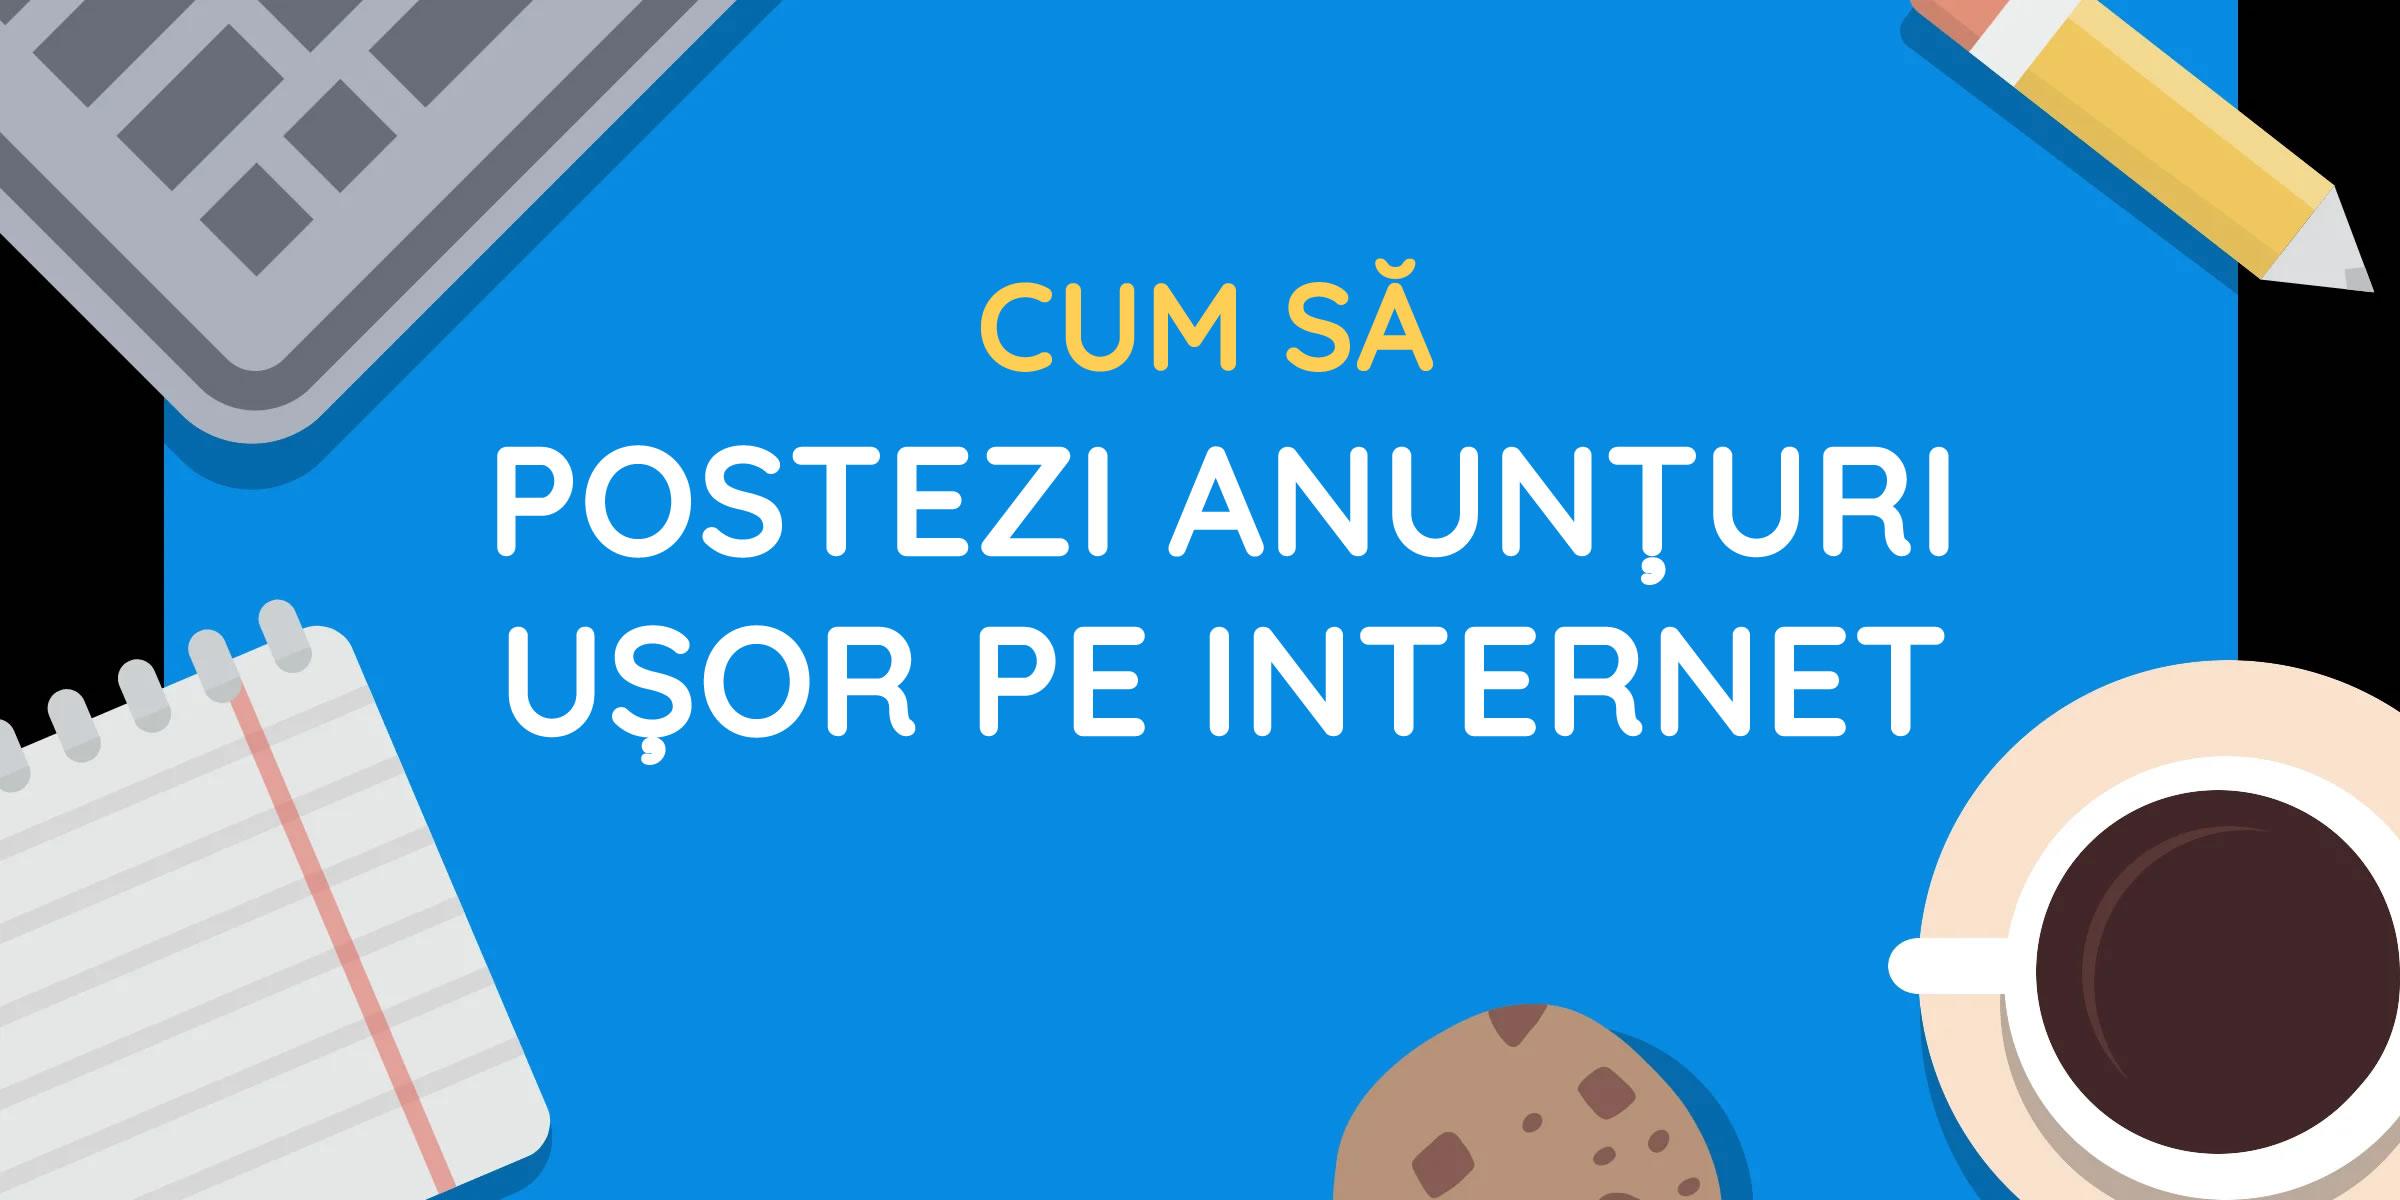 Cum să postezi anunțuri pe internet ușor în România